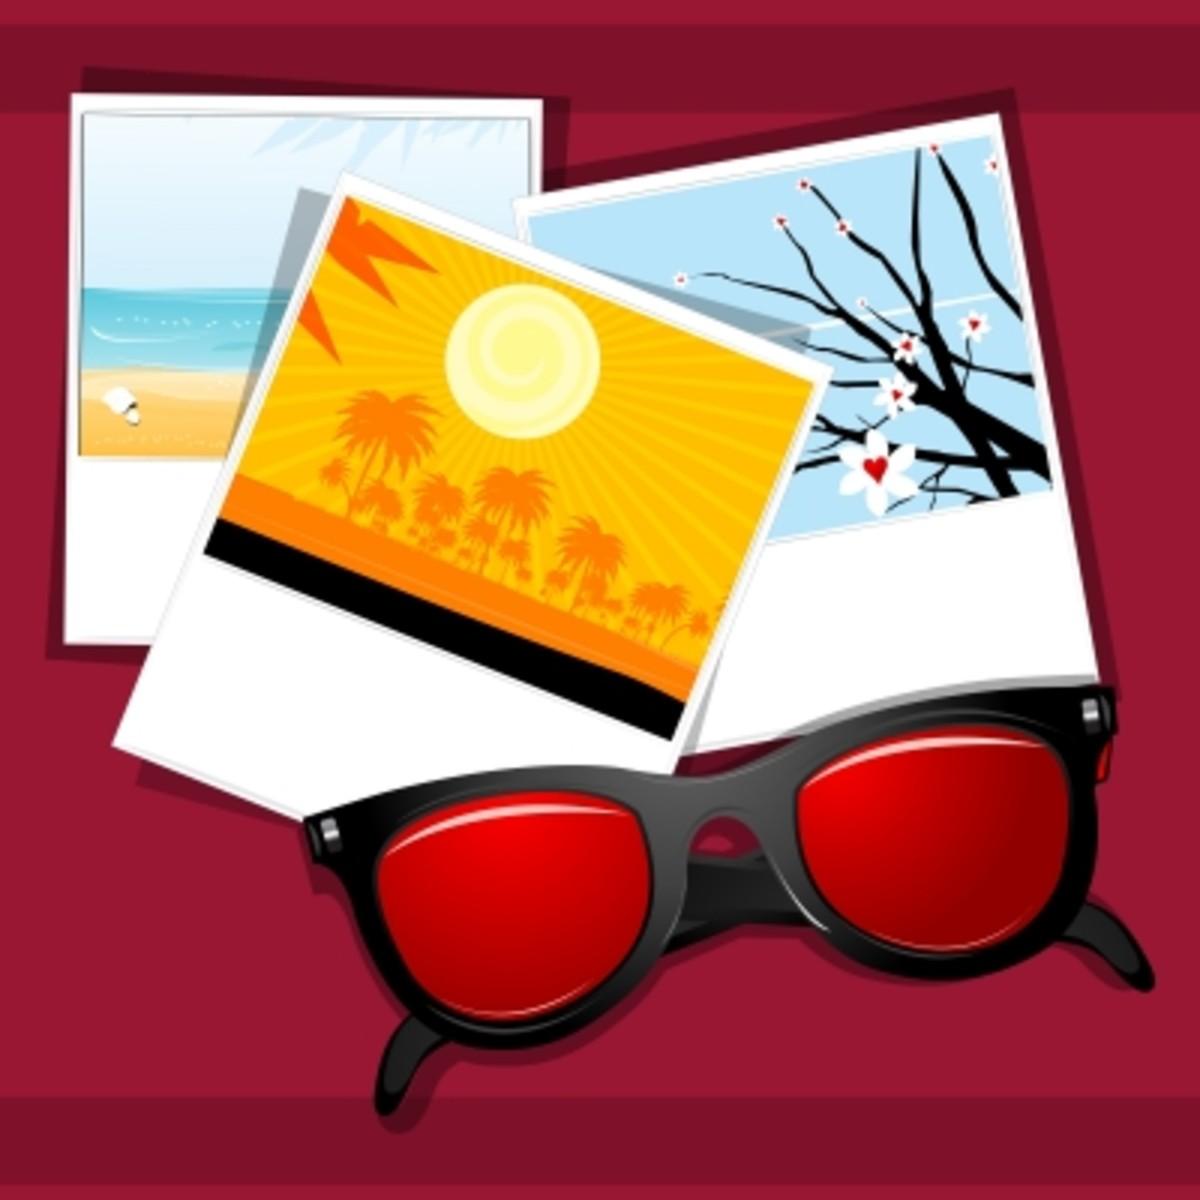 Free German Essay on My Holidays: Meine Ferien